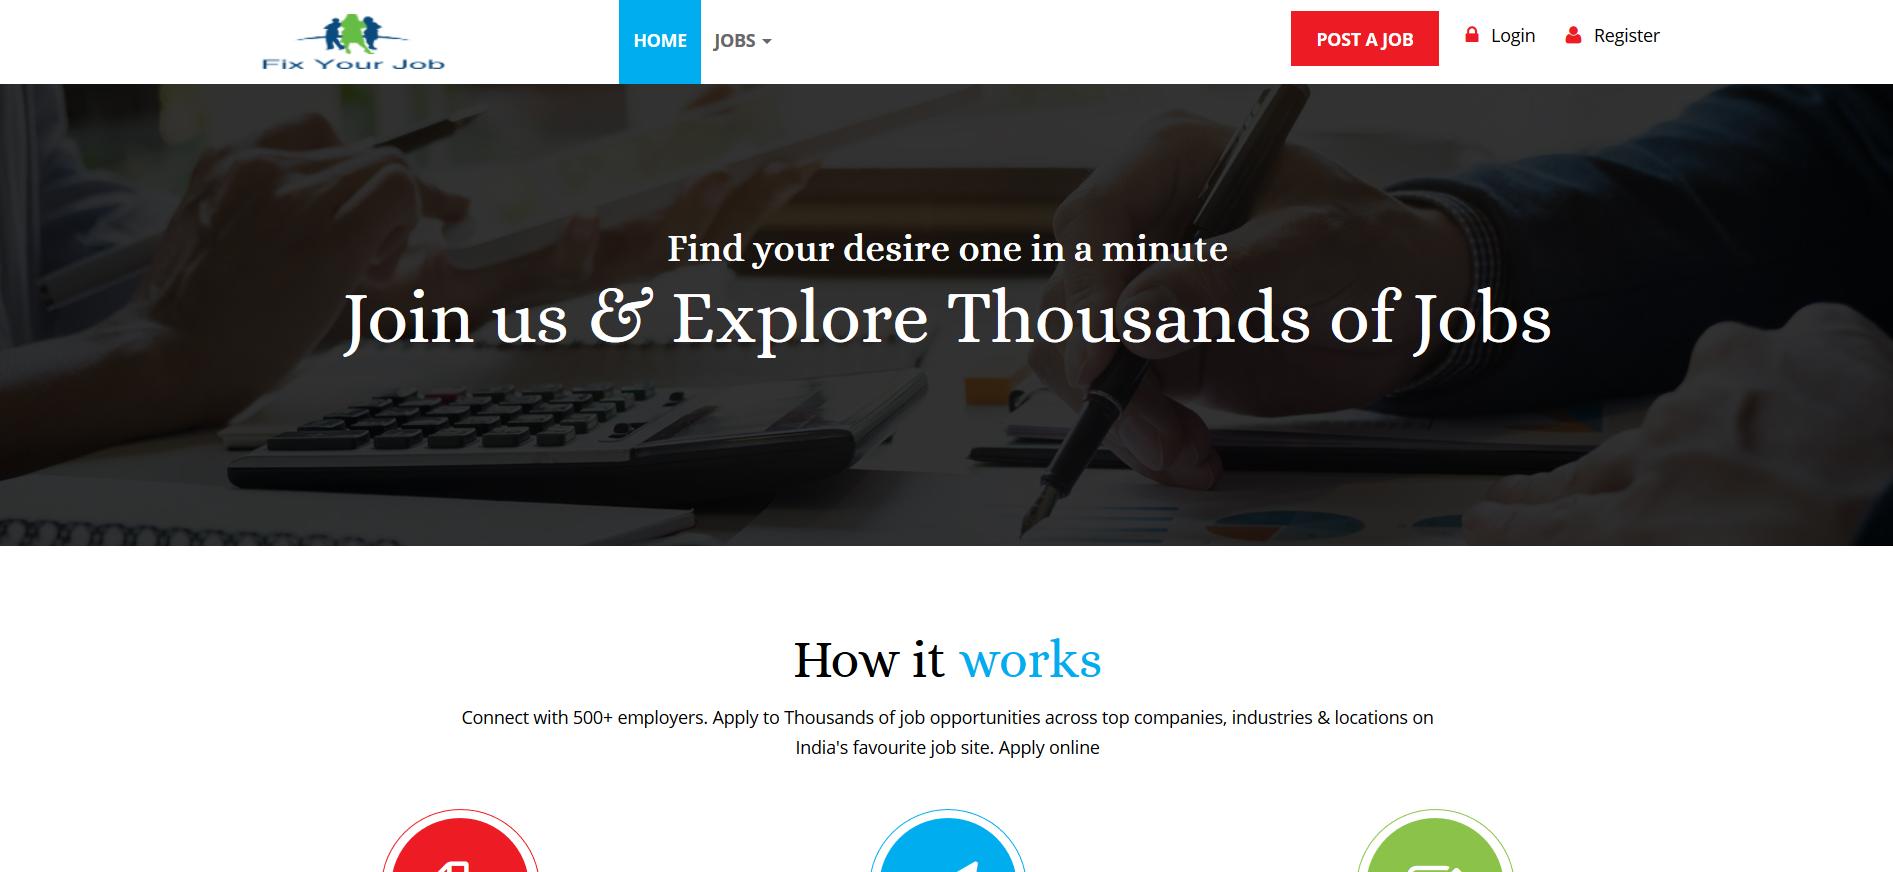 Fix Your Job Portal